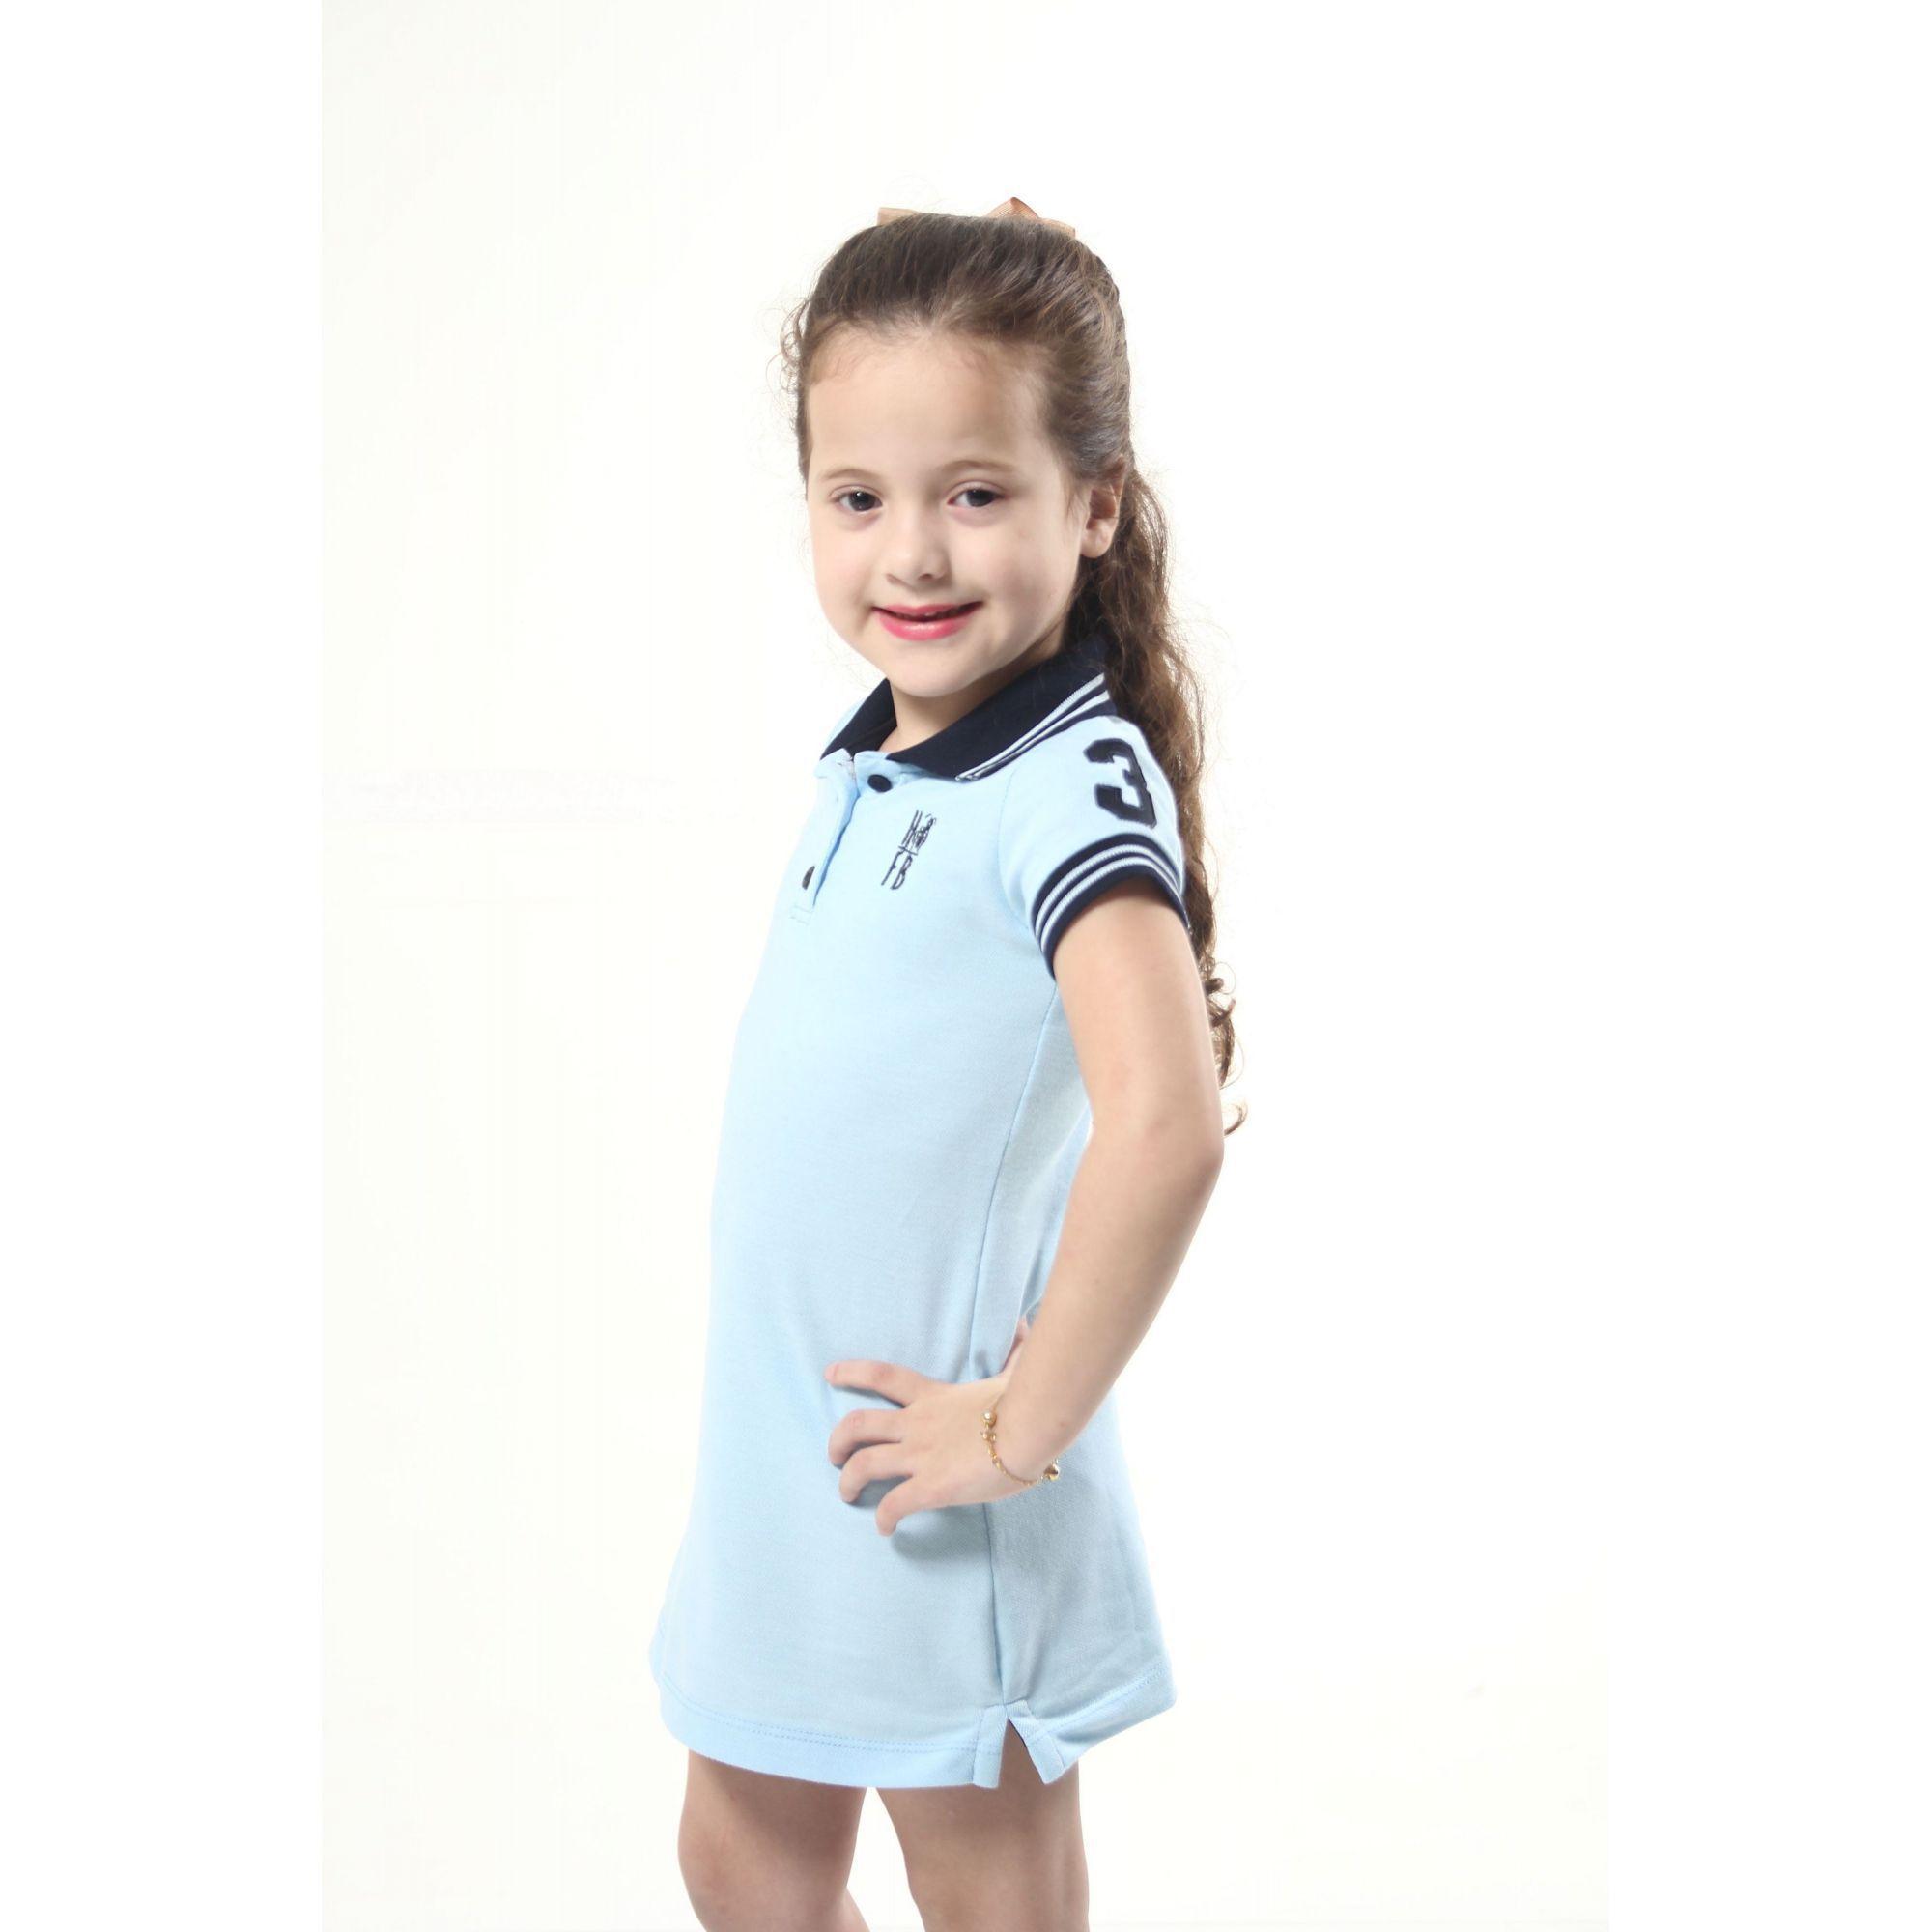 Vestido Polo Azul Nobreza Infantil  - Heitor Fashion Brazil